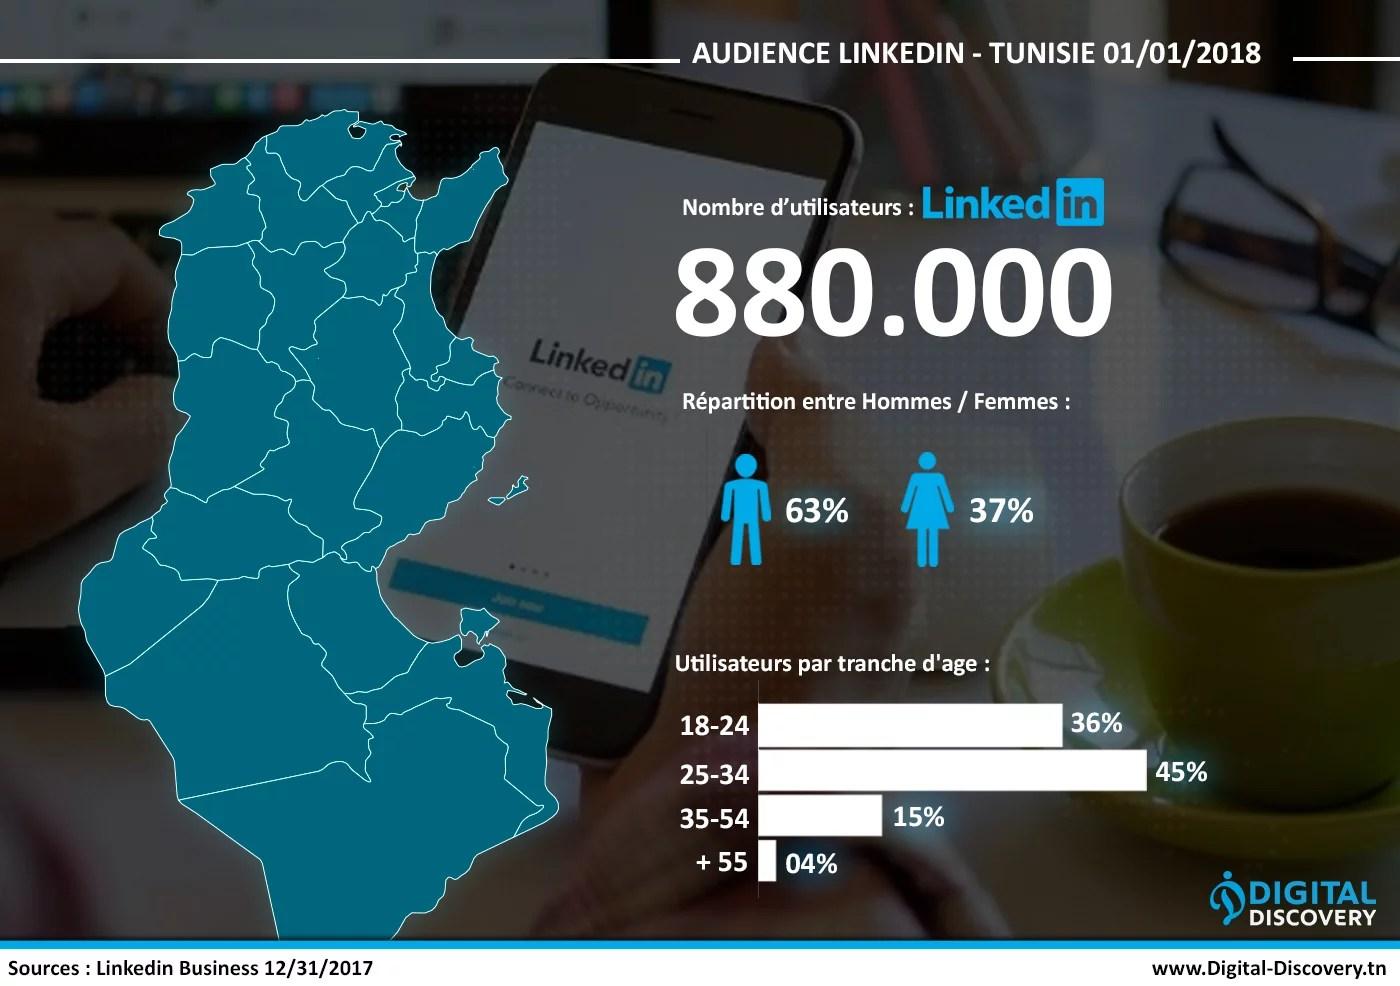 chiffres clés des réseaux sociaux Tunisie 2018 linkedin